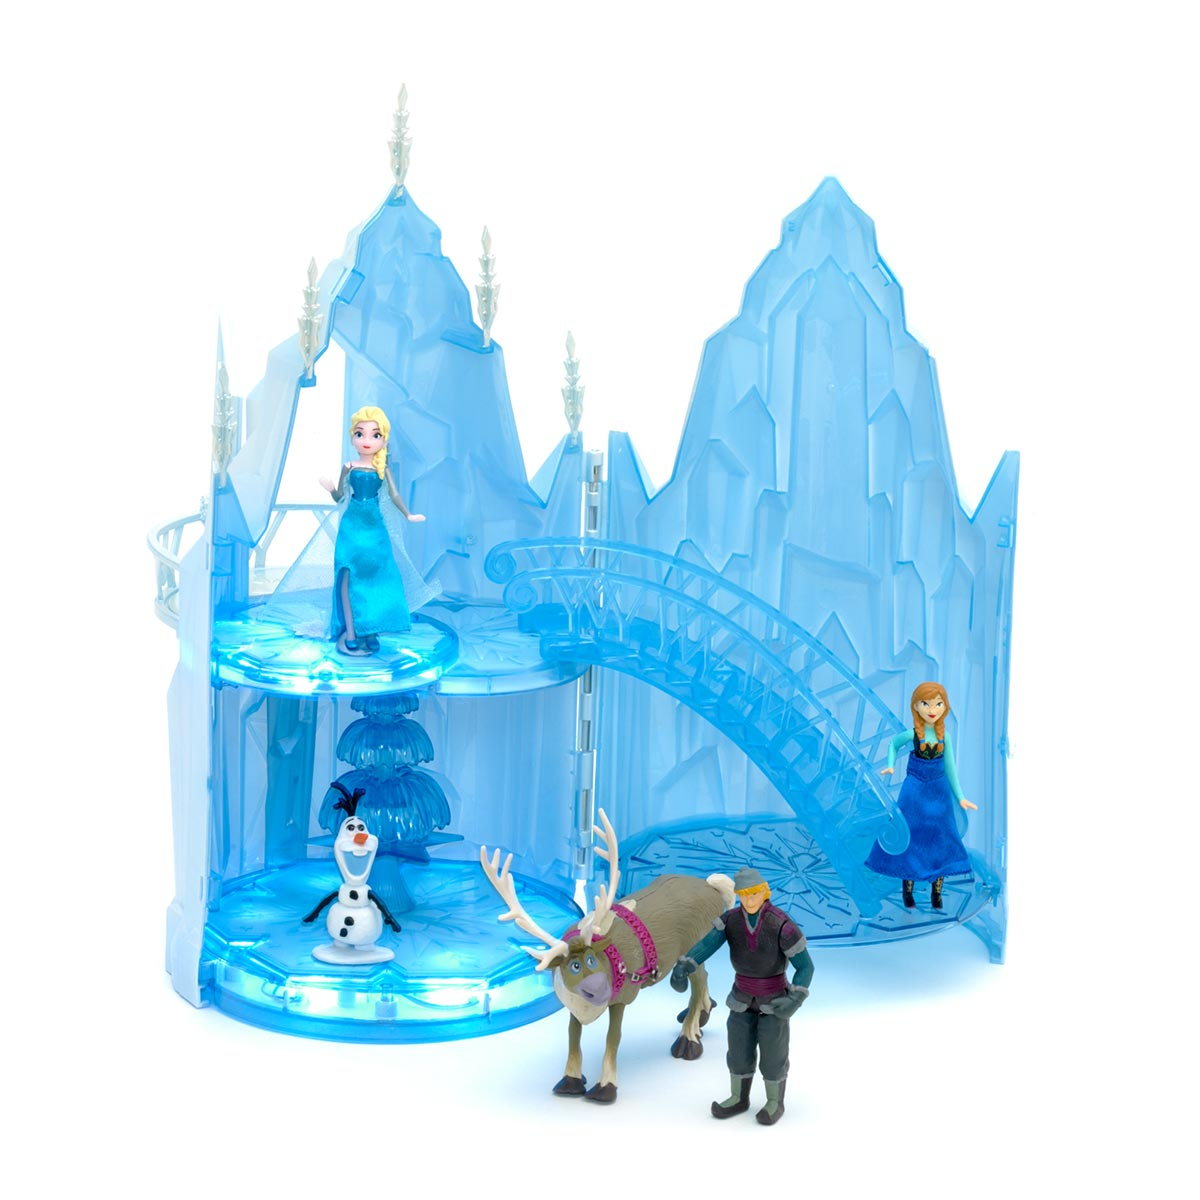 Les nouveaut s princesses disney - Chateau de glace reine des neiges ...